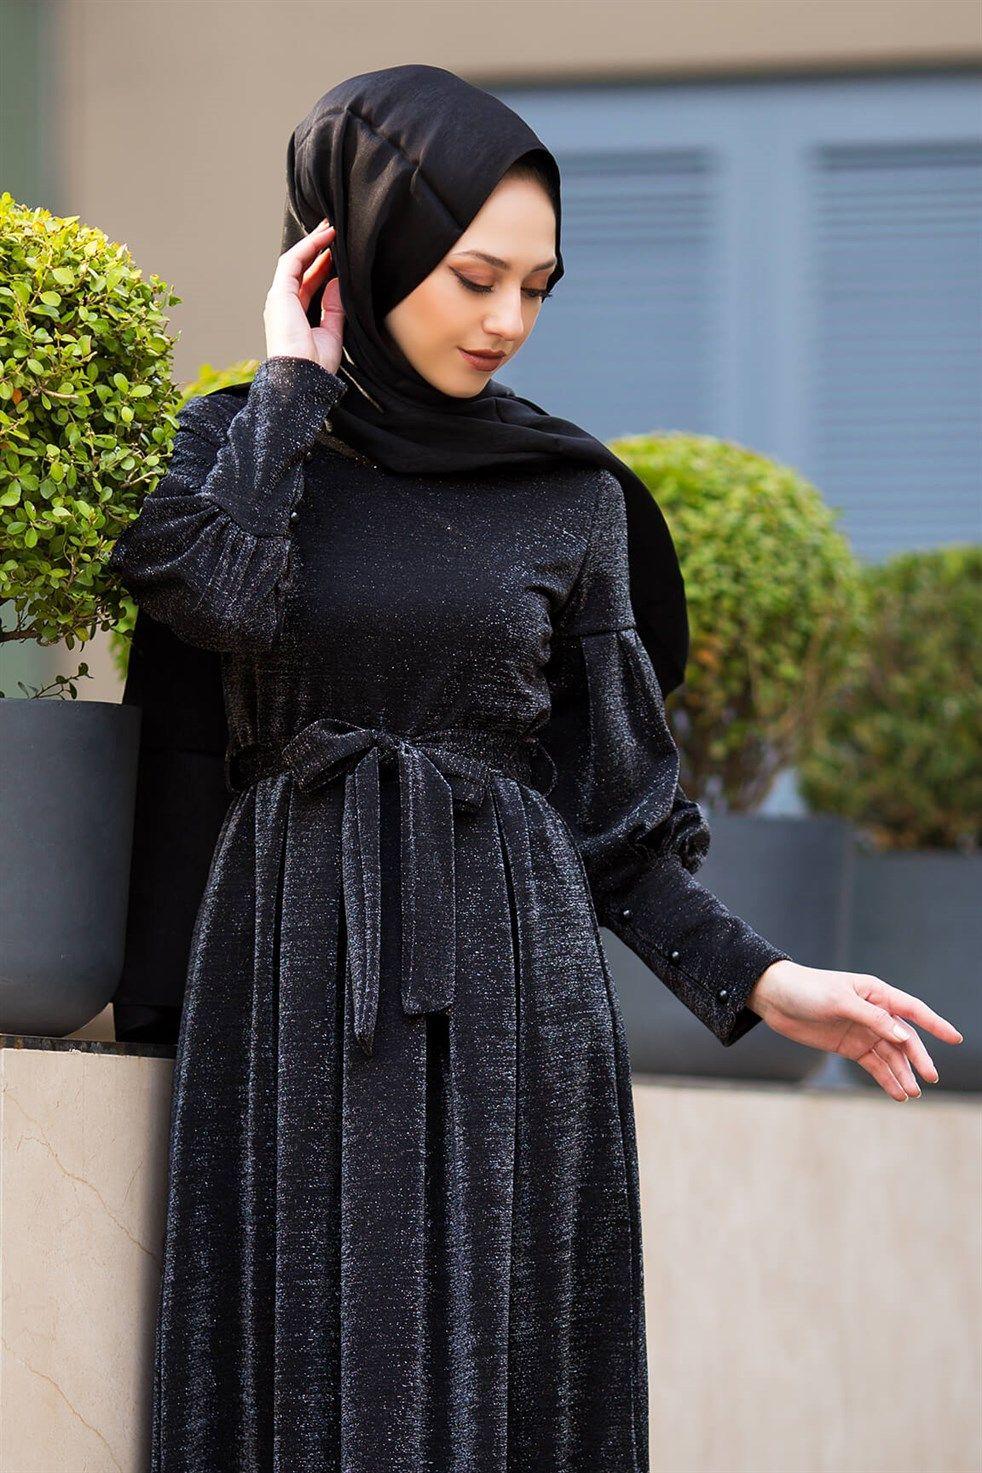 Modasima Simli Tesettur Elbise Modelleri Moda Tesettur Giyim Elbise Elbise Modelleri Moda Stilleri